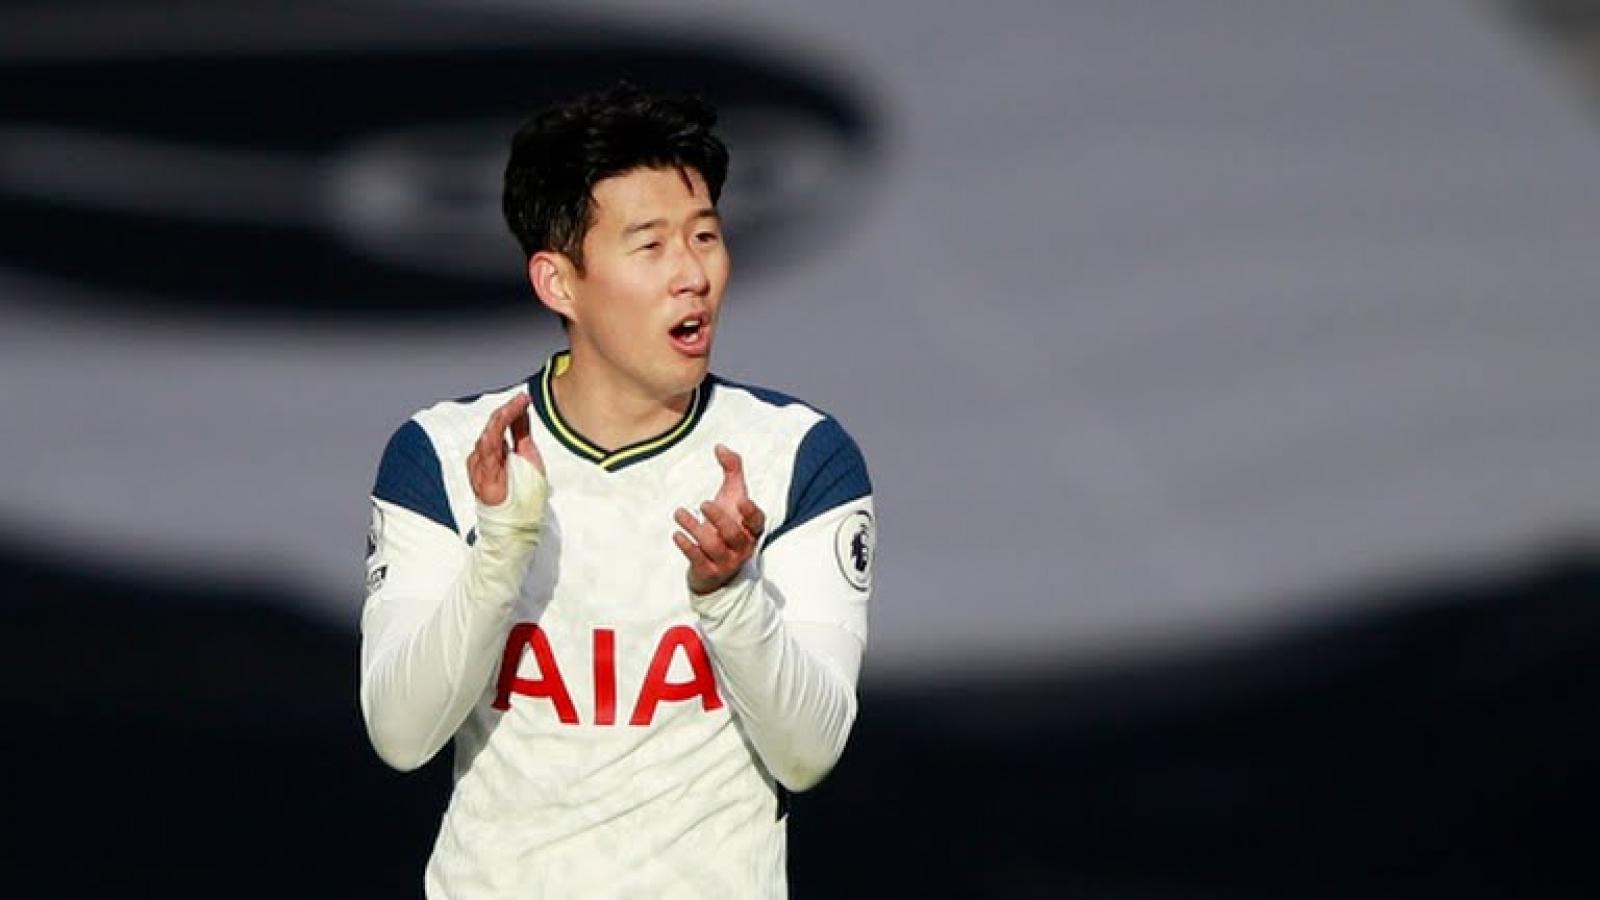 Son Heung-min cán cột mốc ấn tượng trong màu áo Tottenham